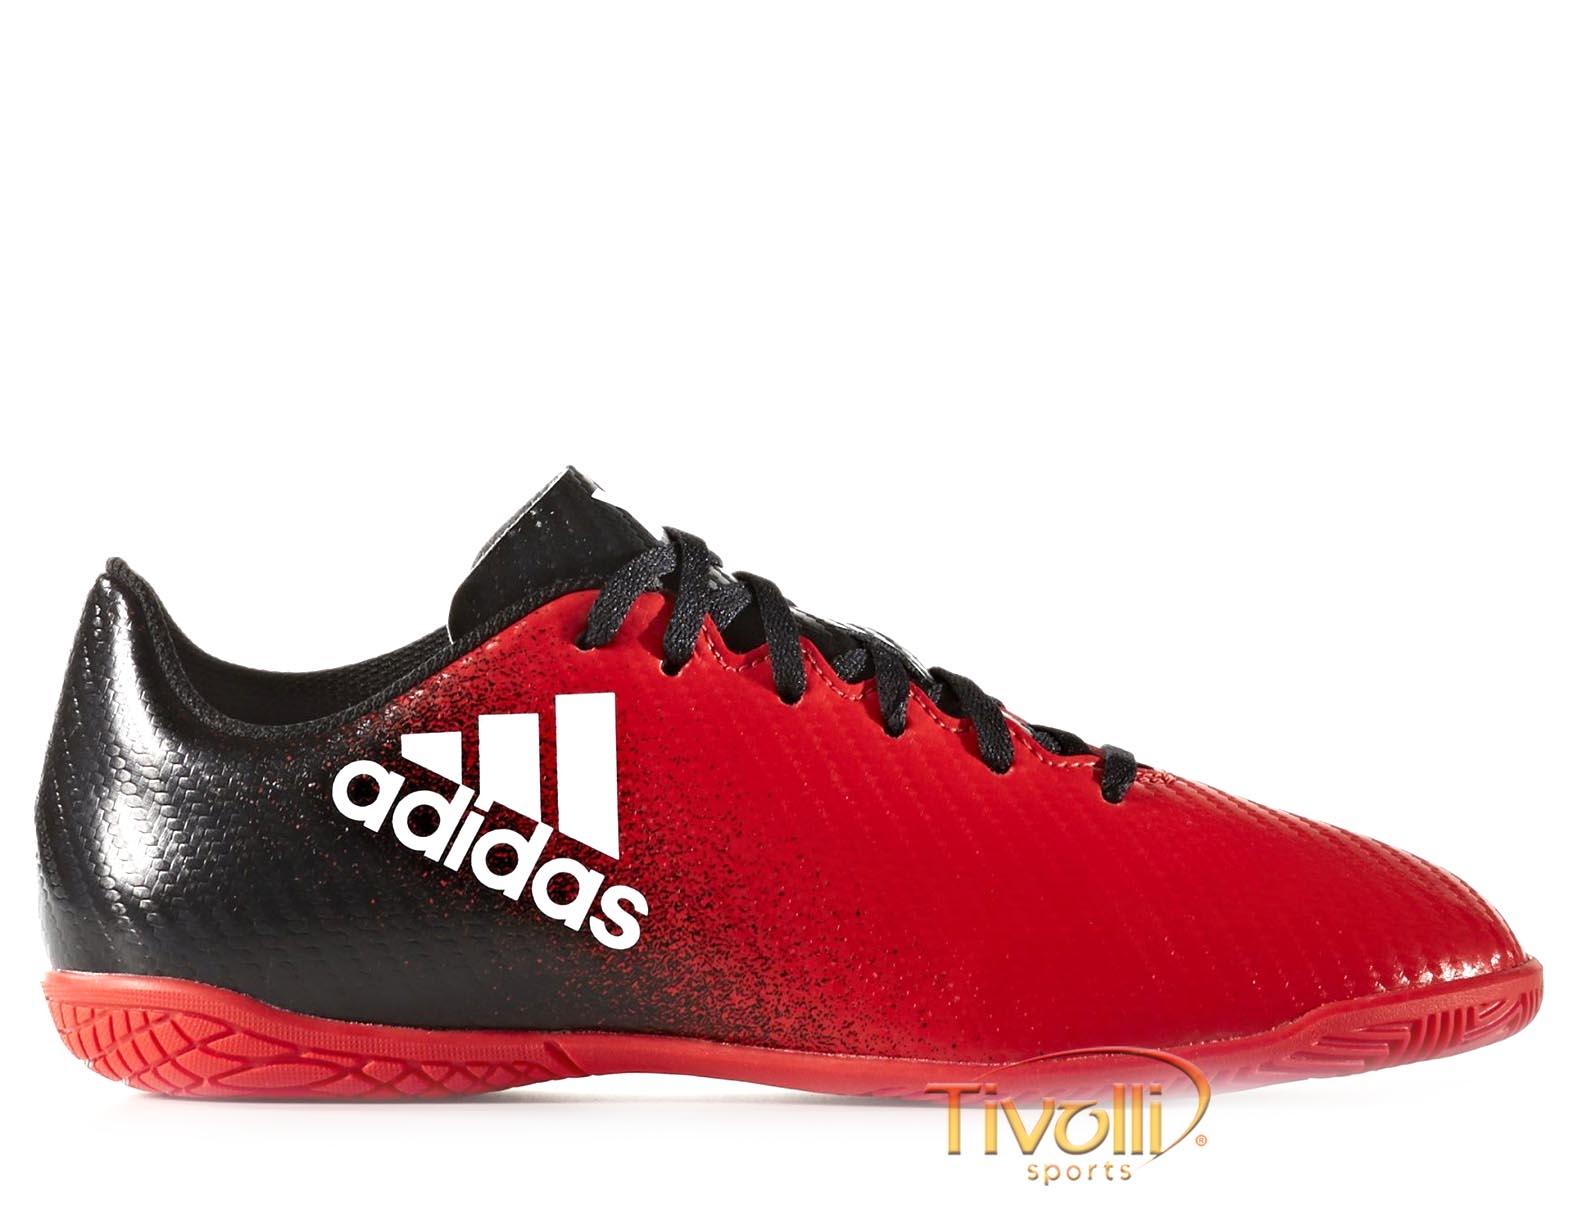 Chuteira Adidas Infantil X 16.4 IC Futsal     9743b471f9c2e